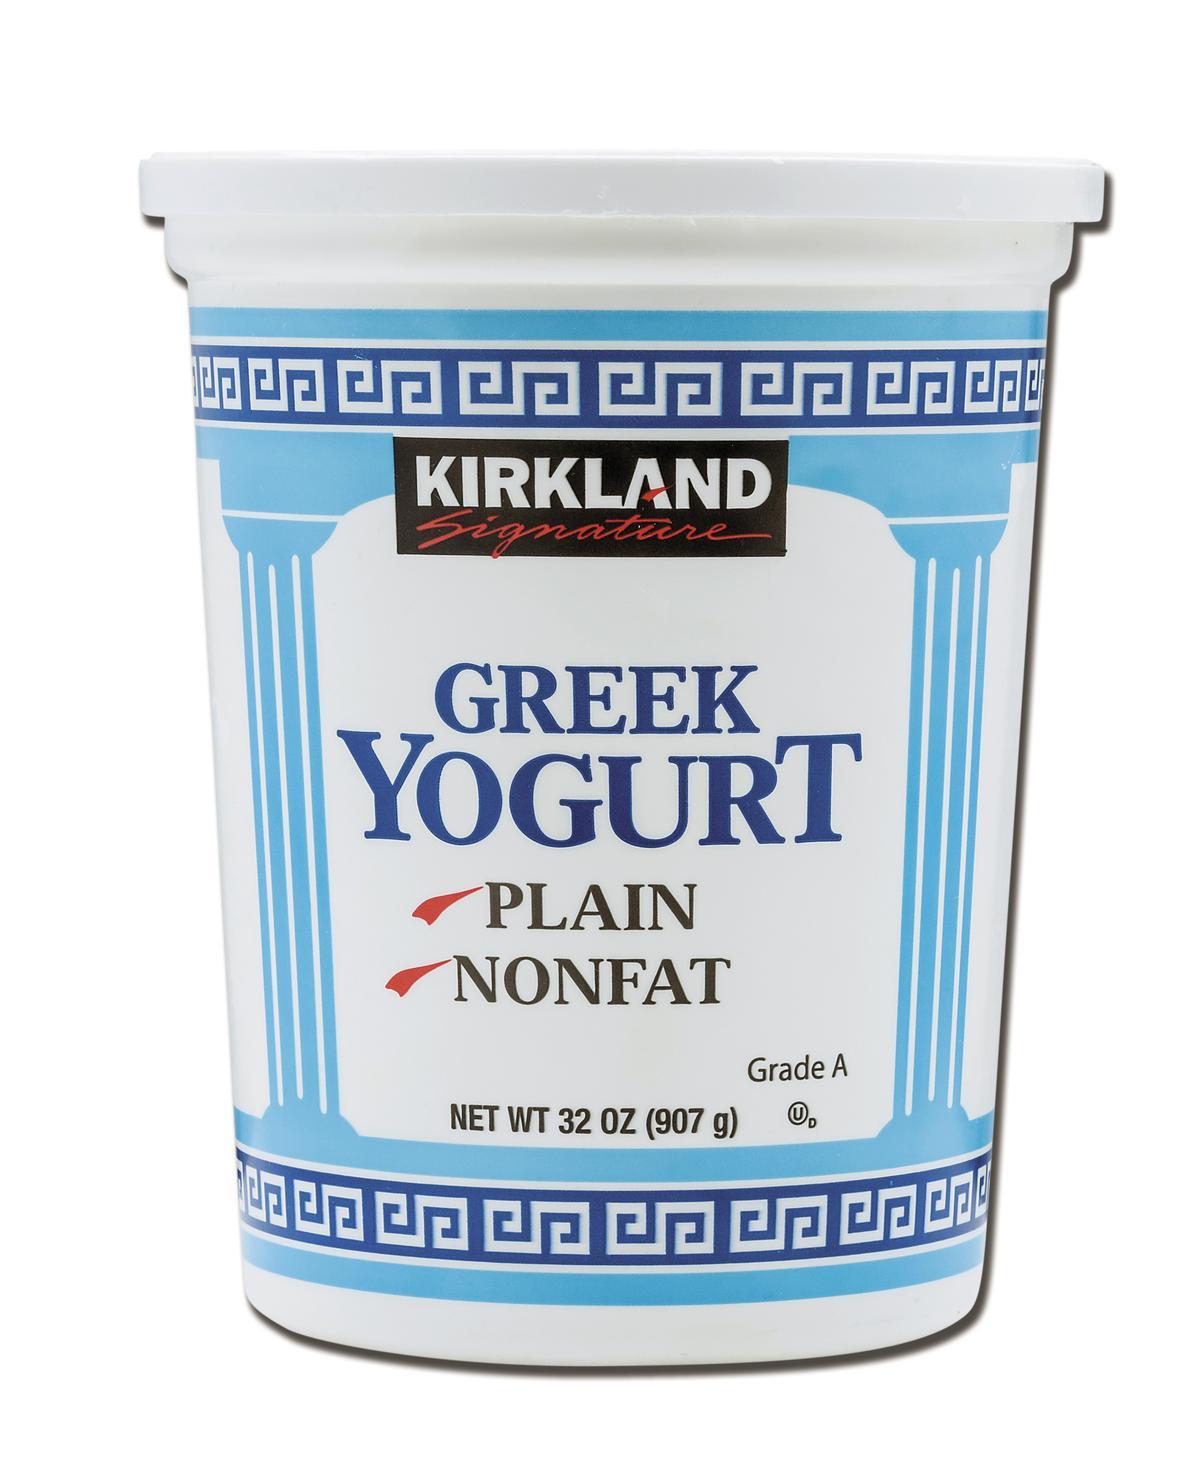 希臘優格天然有效果。